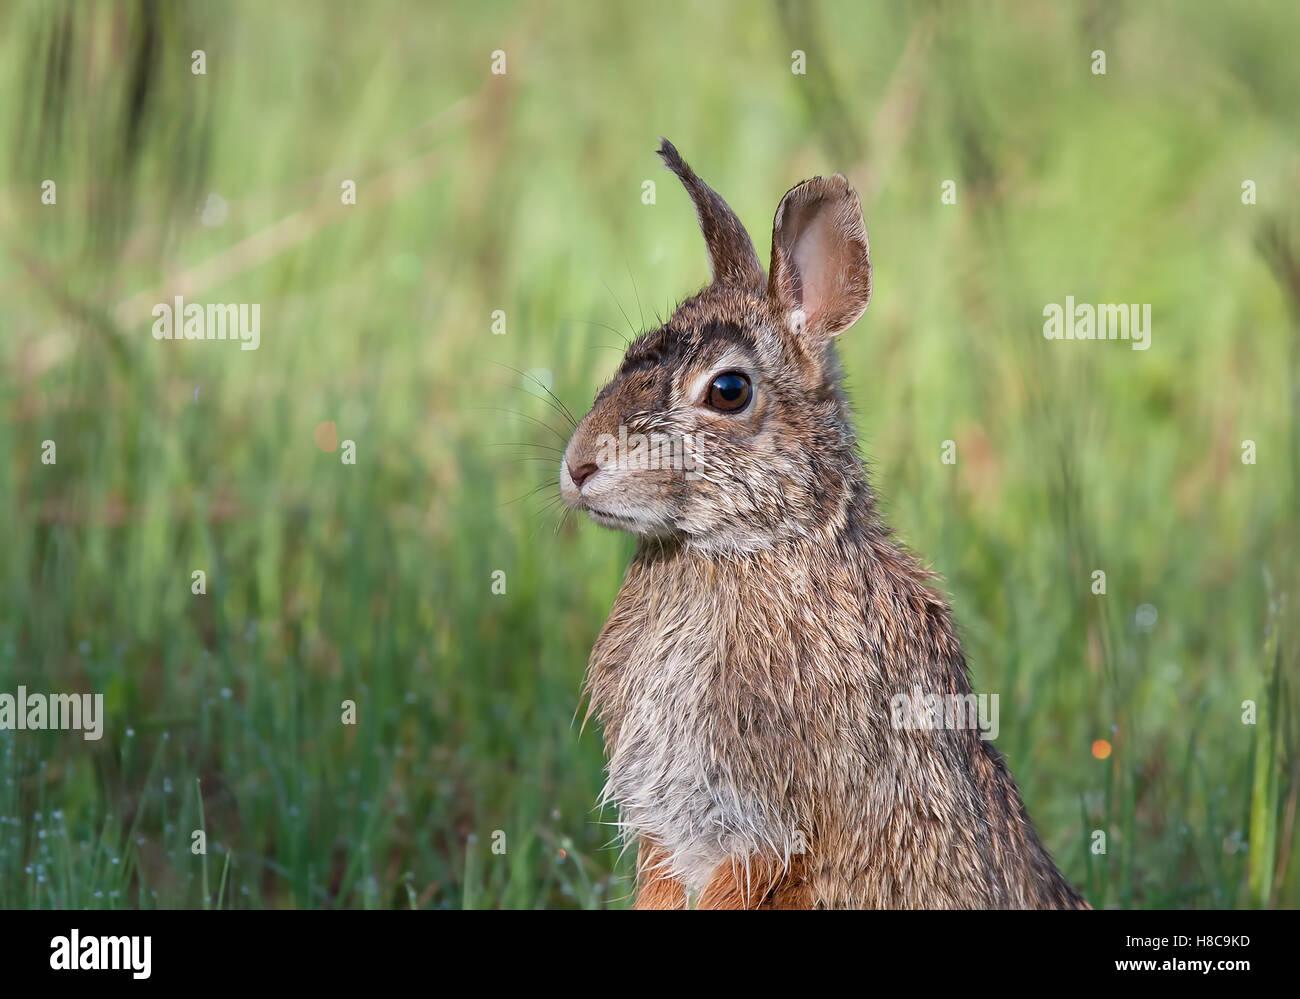 El conejo de pie en una pradera de primavera en Canadá Imagen De Stock